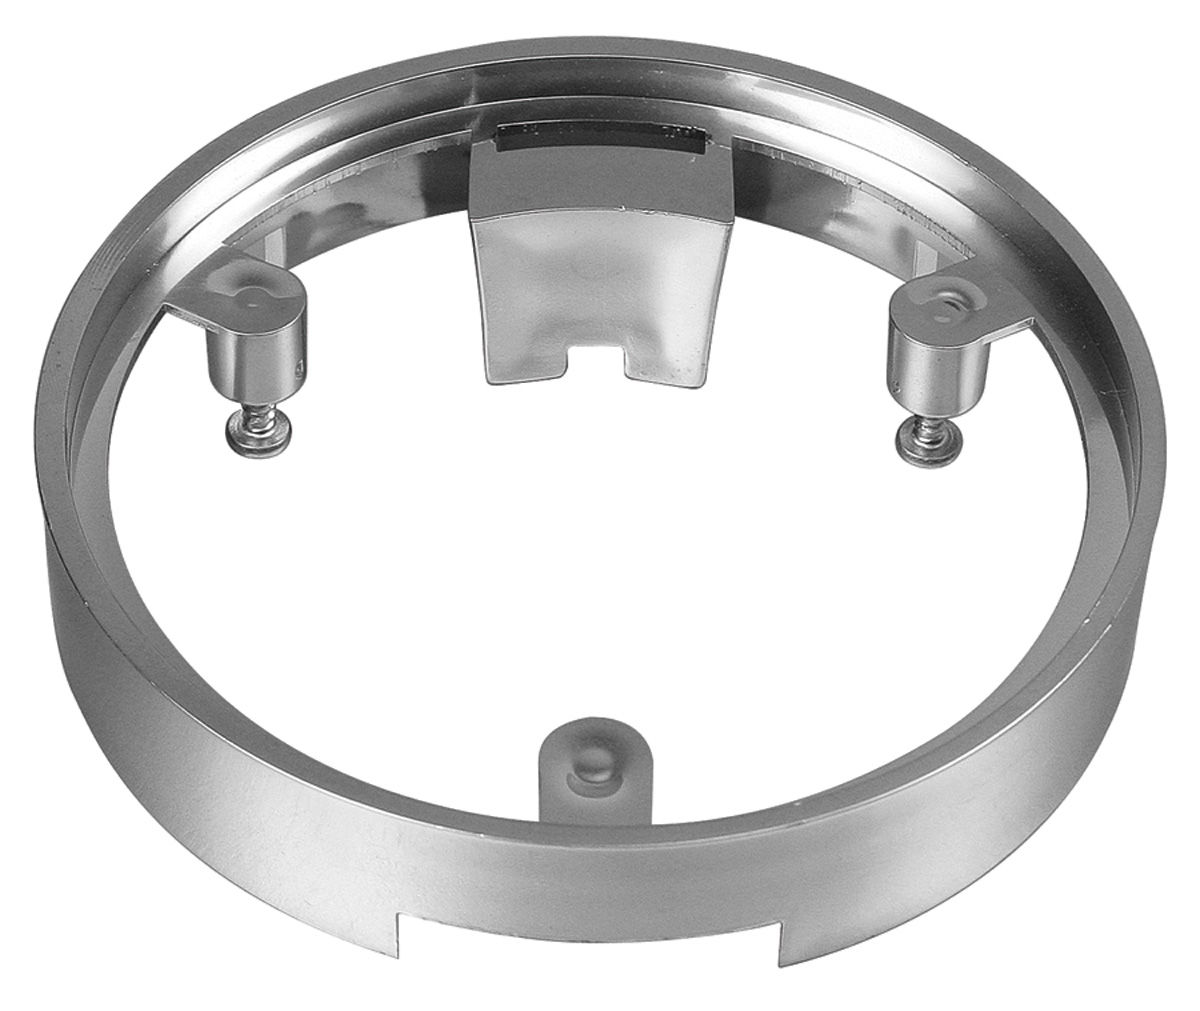 Collar, Horn Button, 1969-72 GTO/GP/Catalina/Bonneville, Sport Wheel